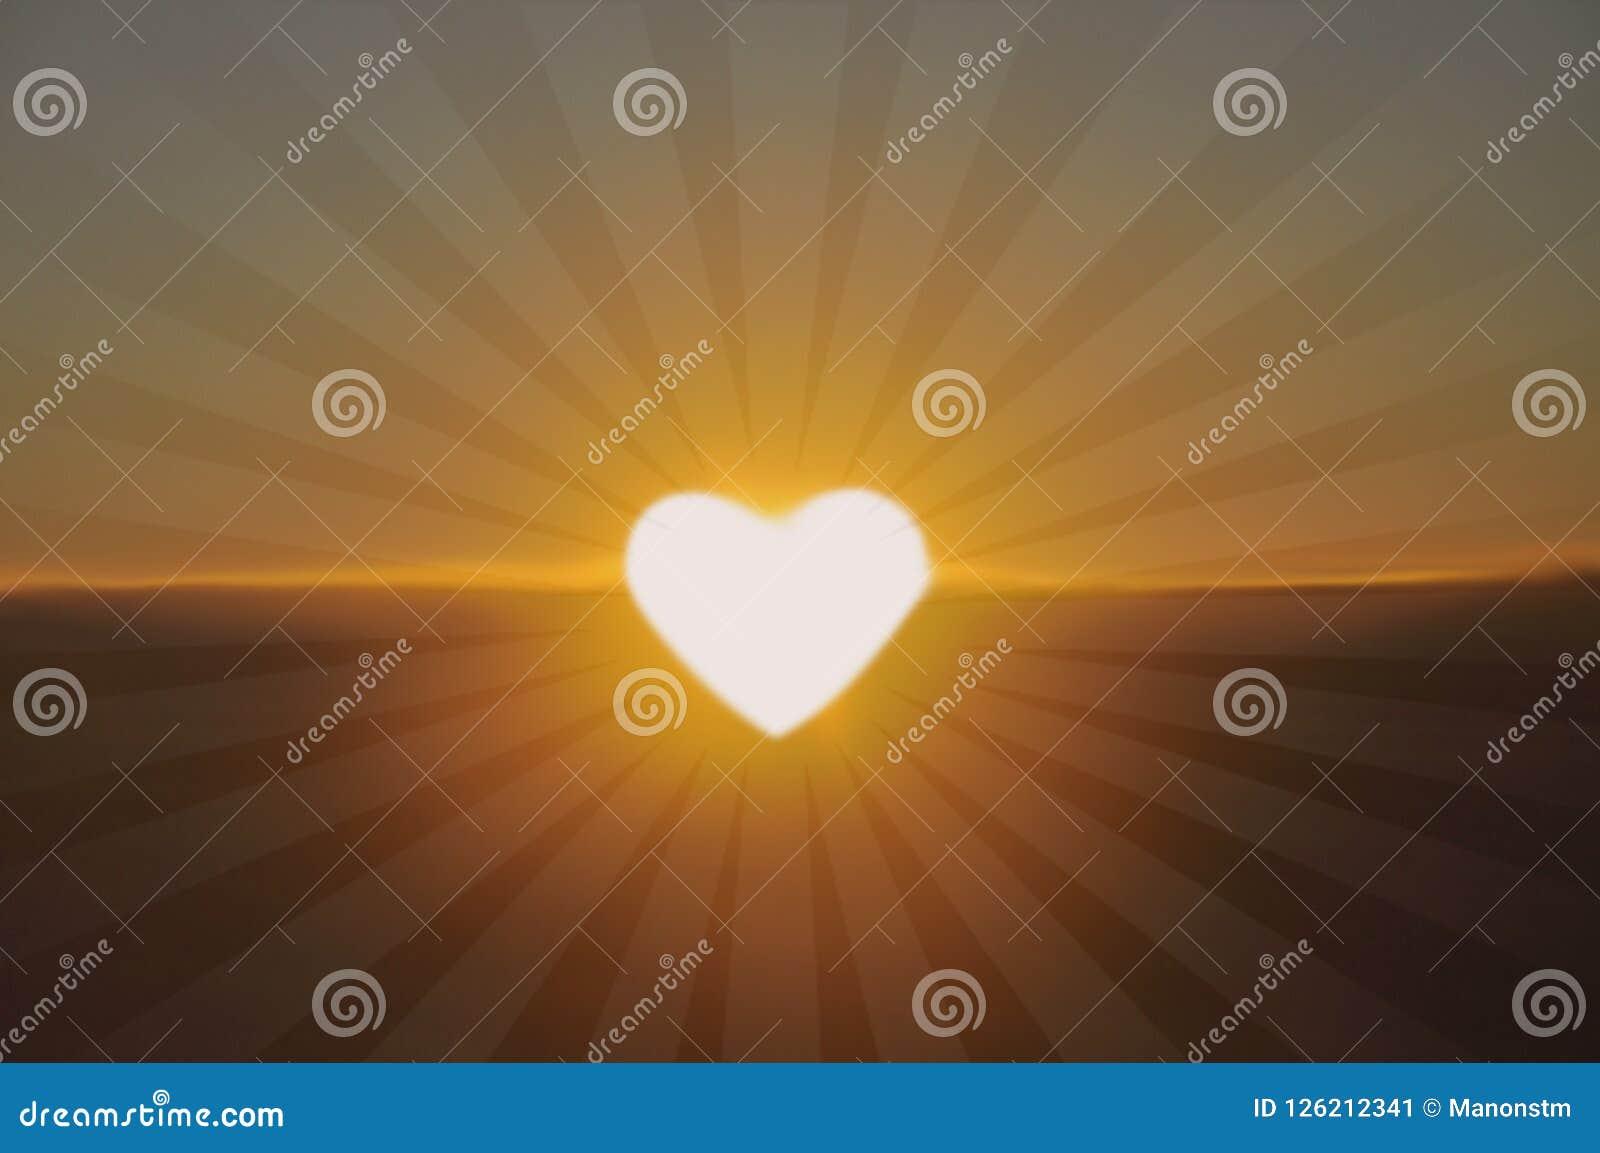 Яркий свет в форме сердца, coeur de lumière